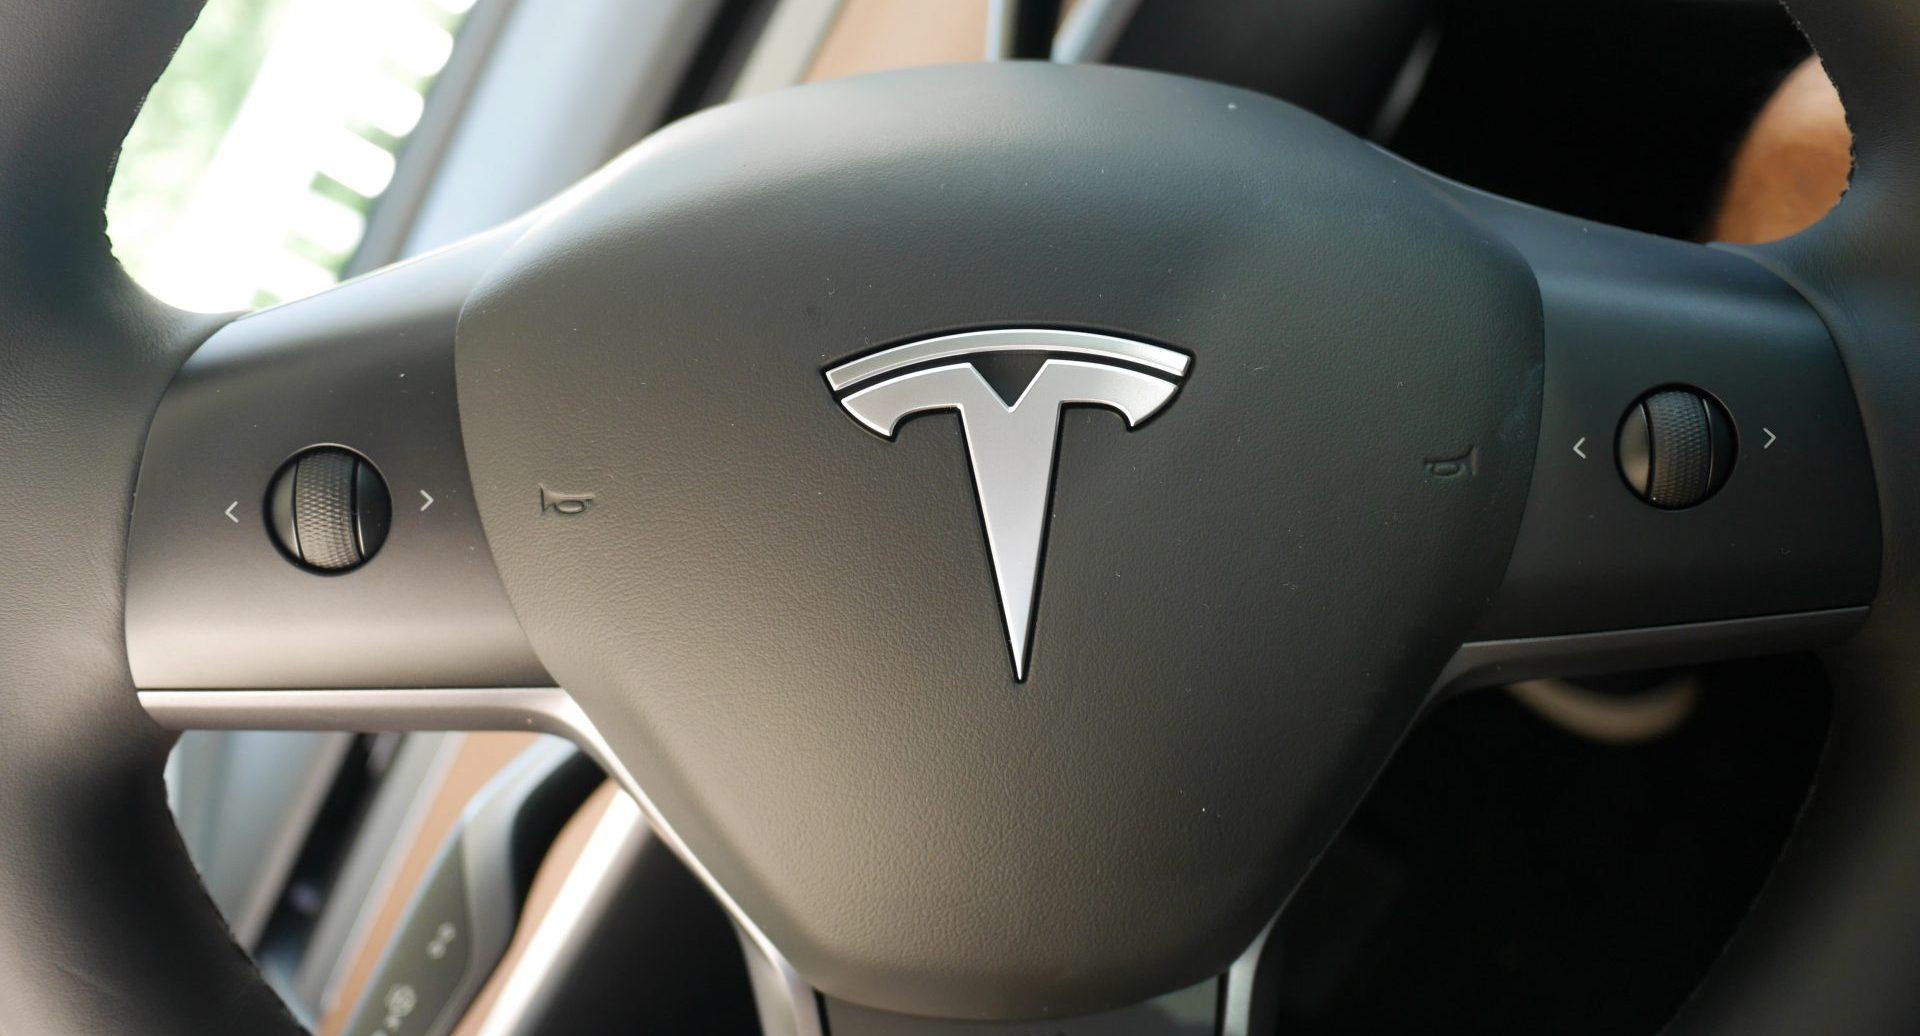 Tesla Model 3 steering